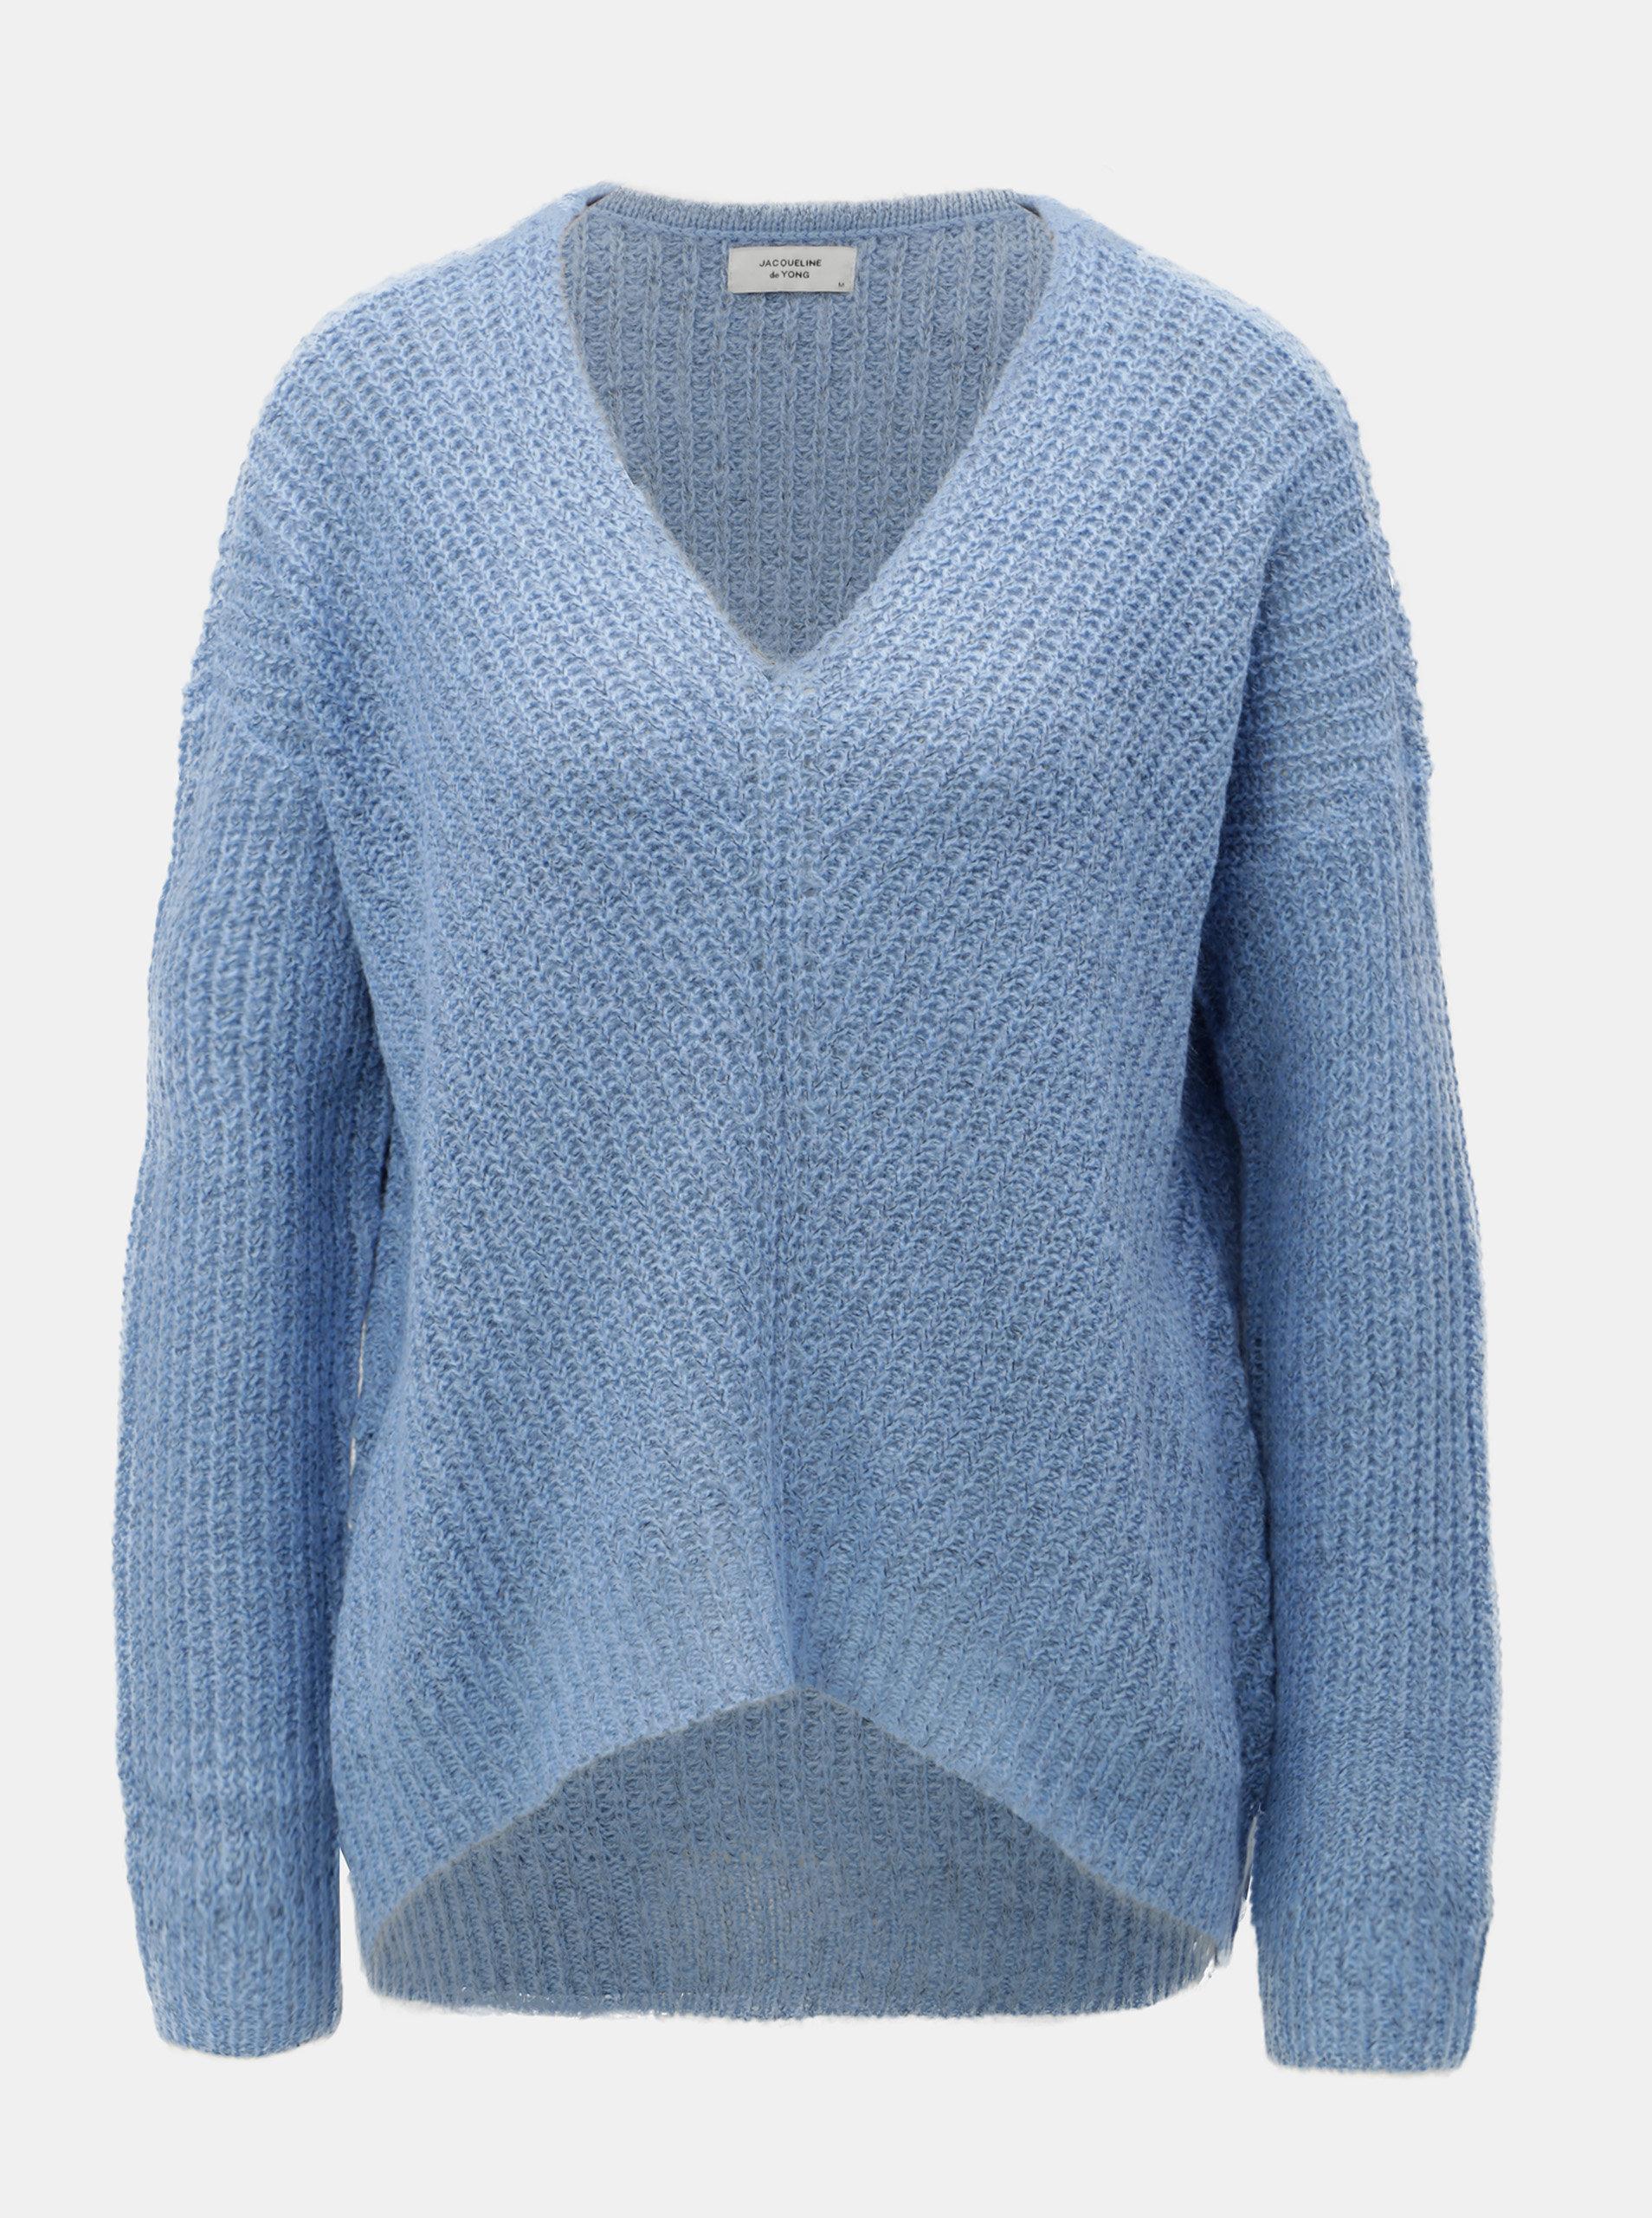 cfce37676f07 Modrý pletený sveter Jacqueline de Yong Megan ...